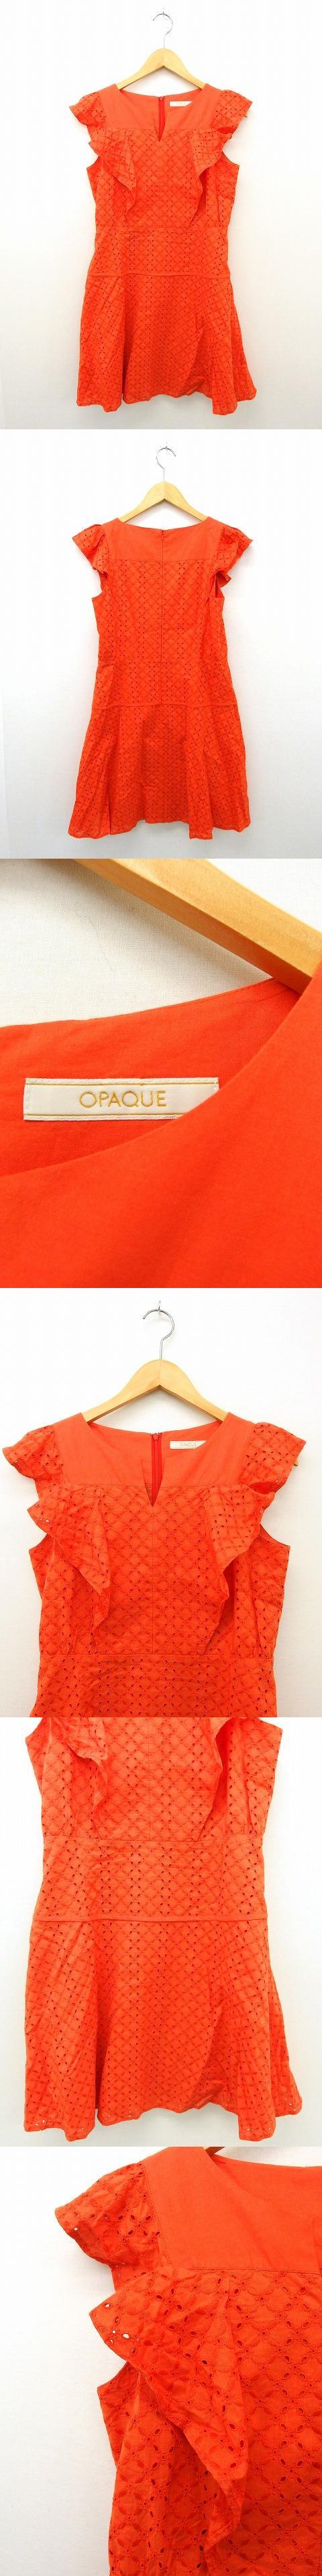 ワンピース スカート 半袖 ジップ 派手 フリル コットン 綿 38 オレンジ /UT17